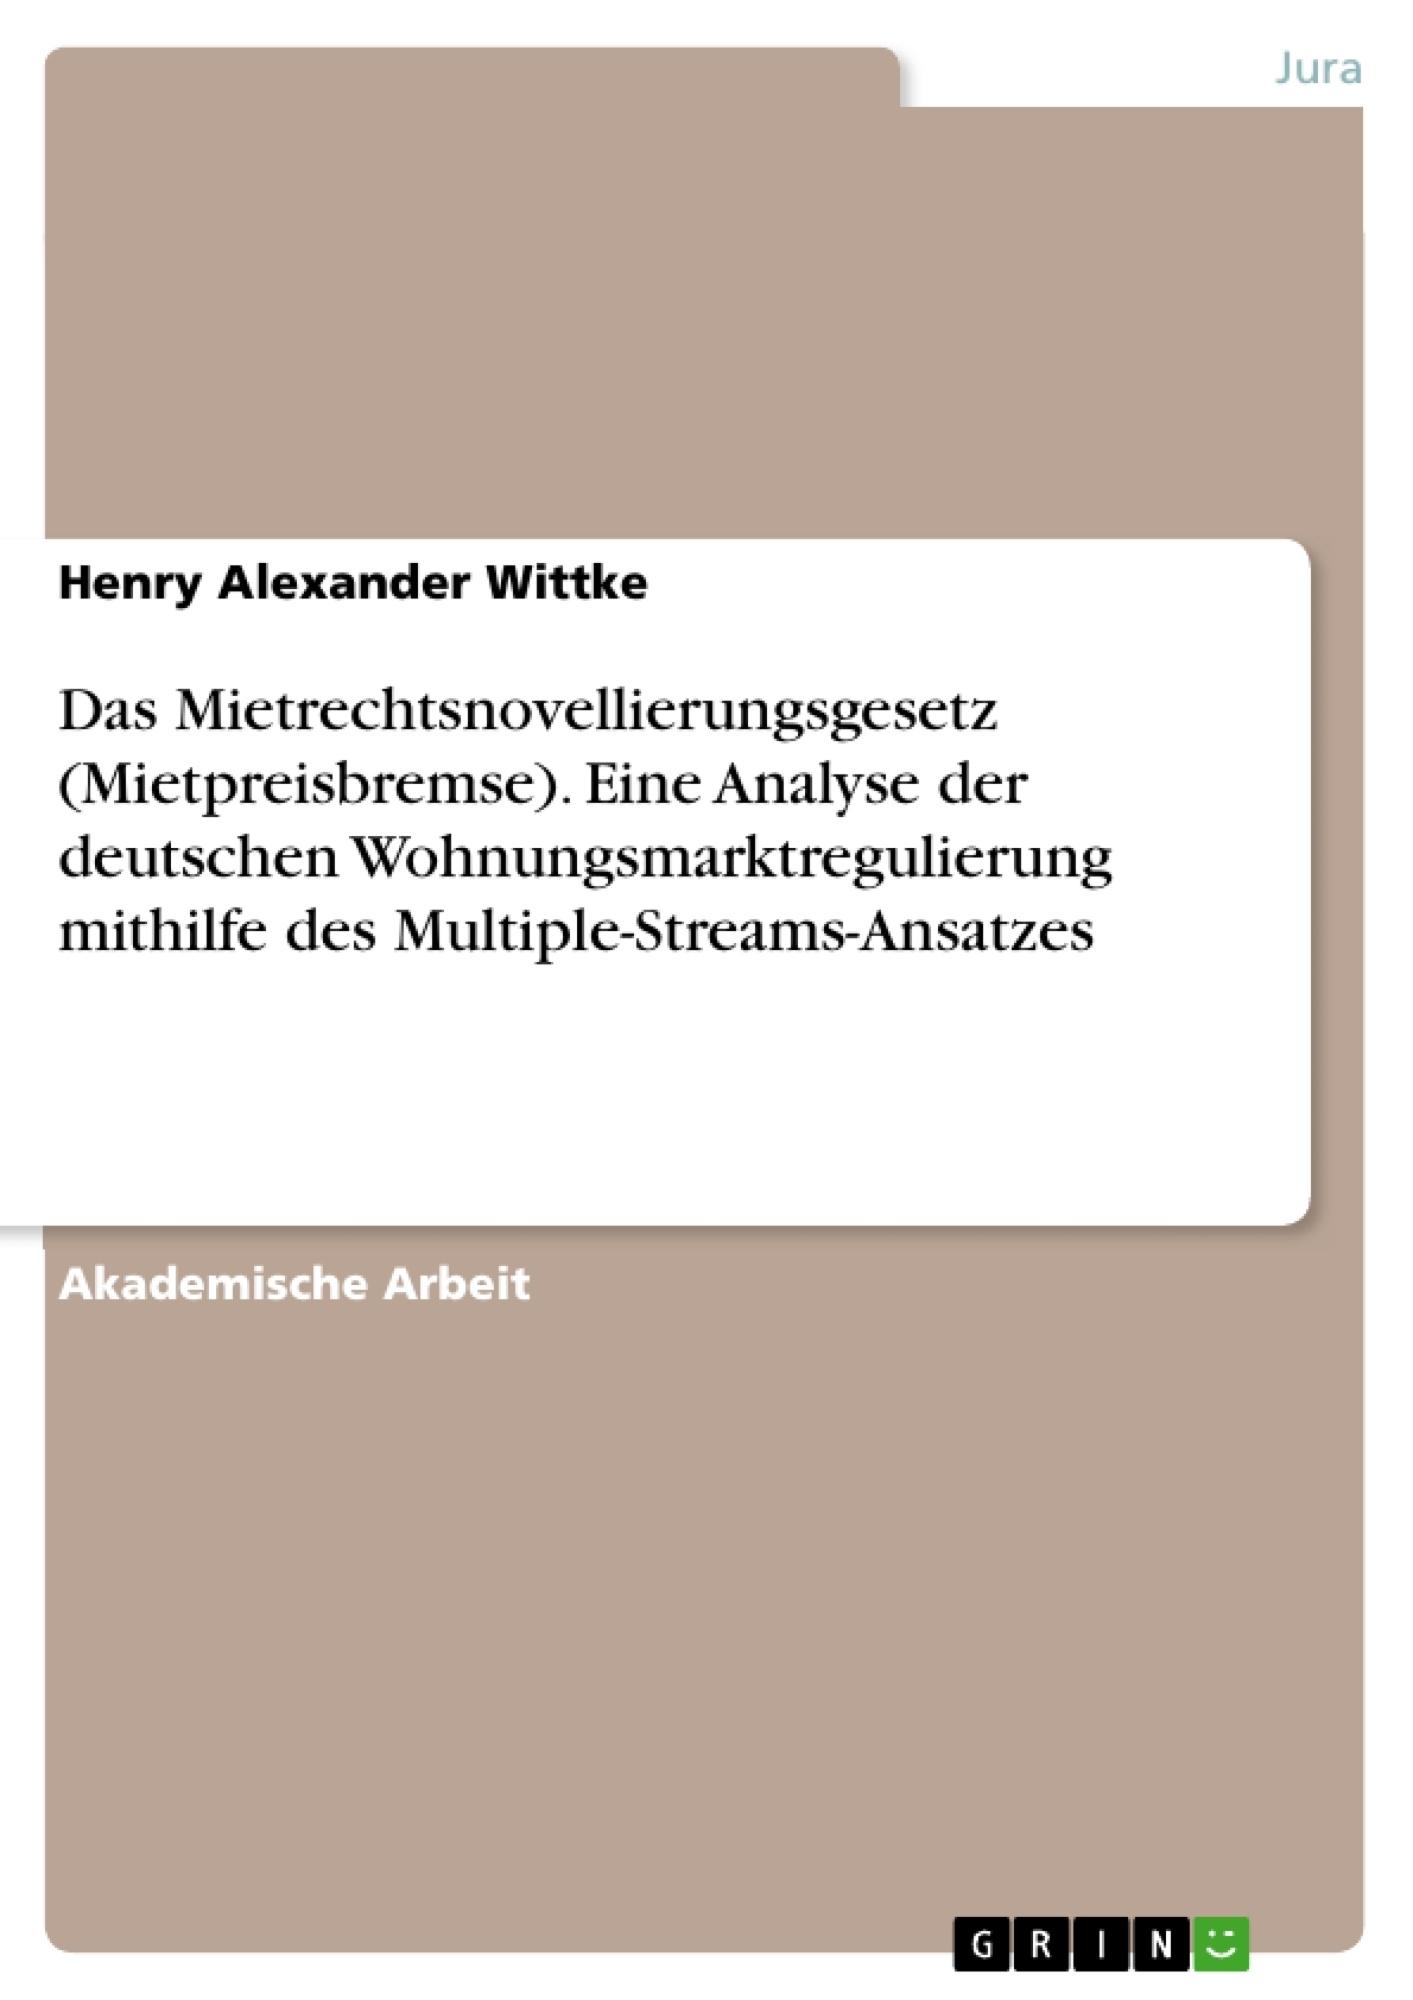 Titel: Das Mietrechtsnovellierungsgesetz (Mietpreisbremse). Eine Analyse der deutschen Wohnungsmarktregulierung mithilfe des Multiple-Streams-Ansatzes